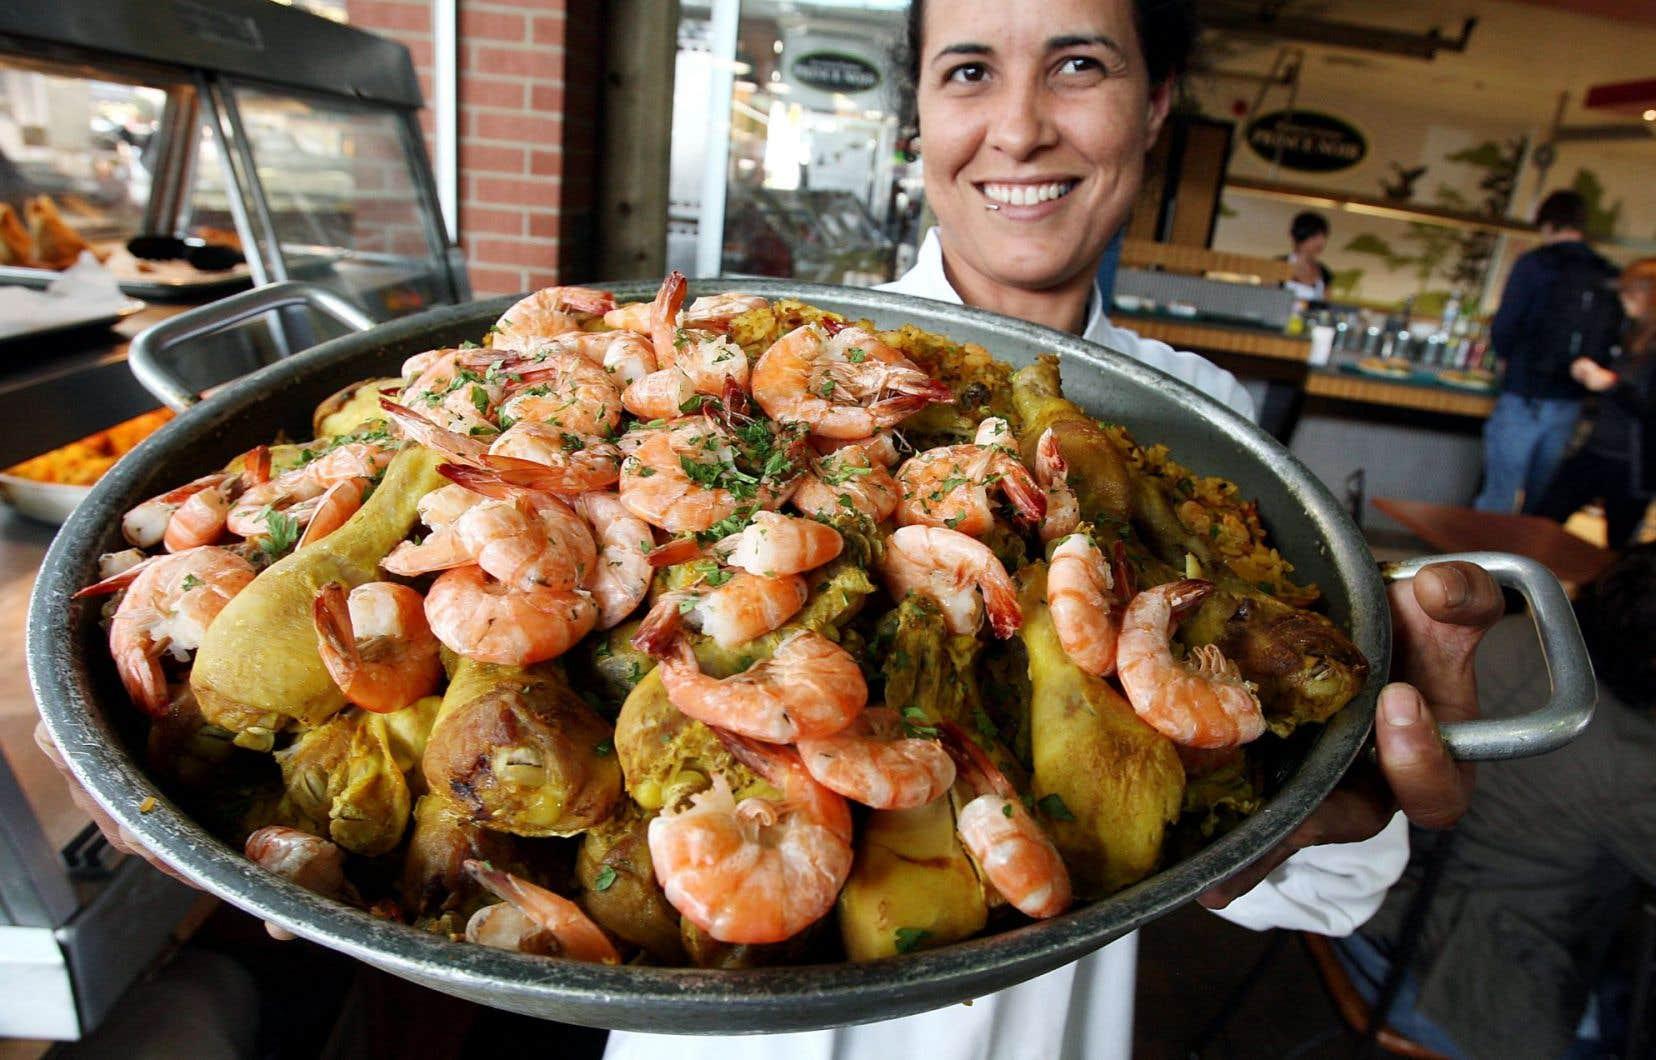 L'alimentation des Québécois a radicalement changé au cours des dernières décennies. Les voyages ont suscité un intérêt grandissant pour de la nouveauté.